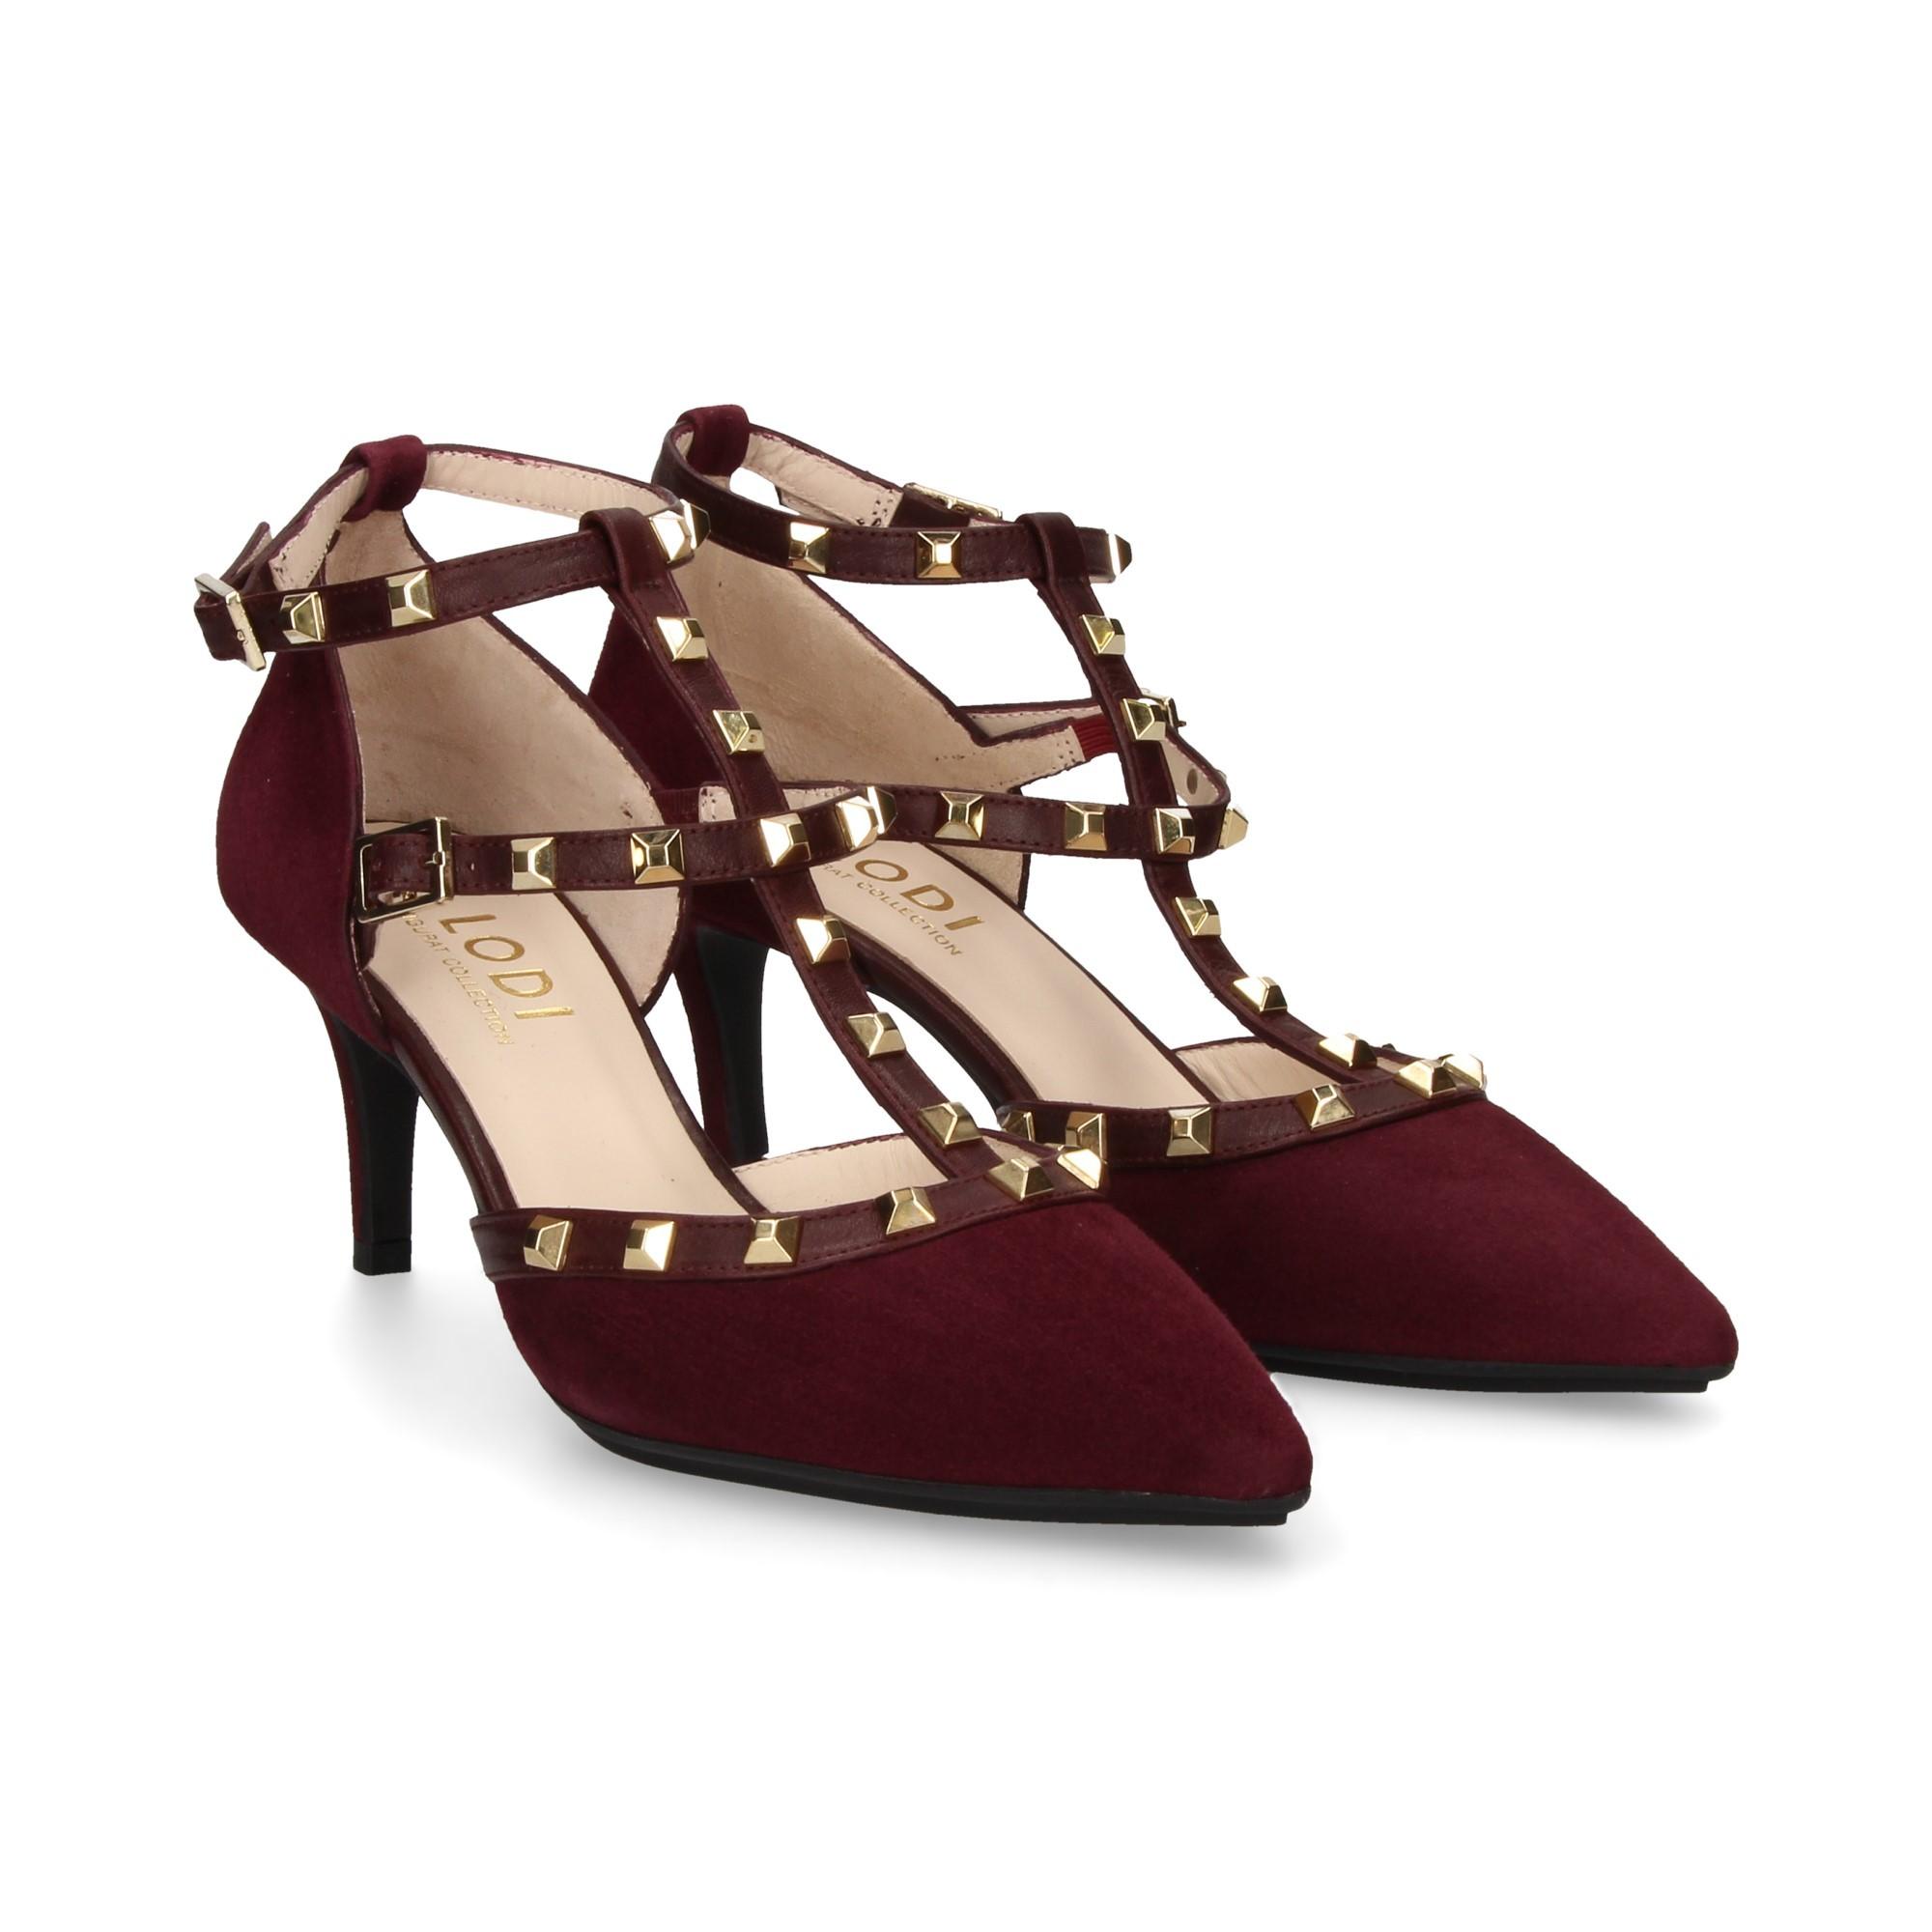 Medio Zapatos Lodi De Erizo Burdeos Go Mujer Tacón wAH1Hxqz